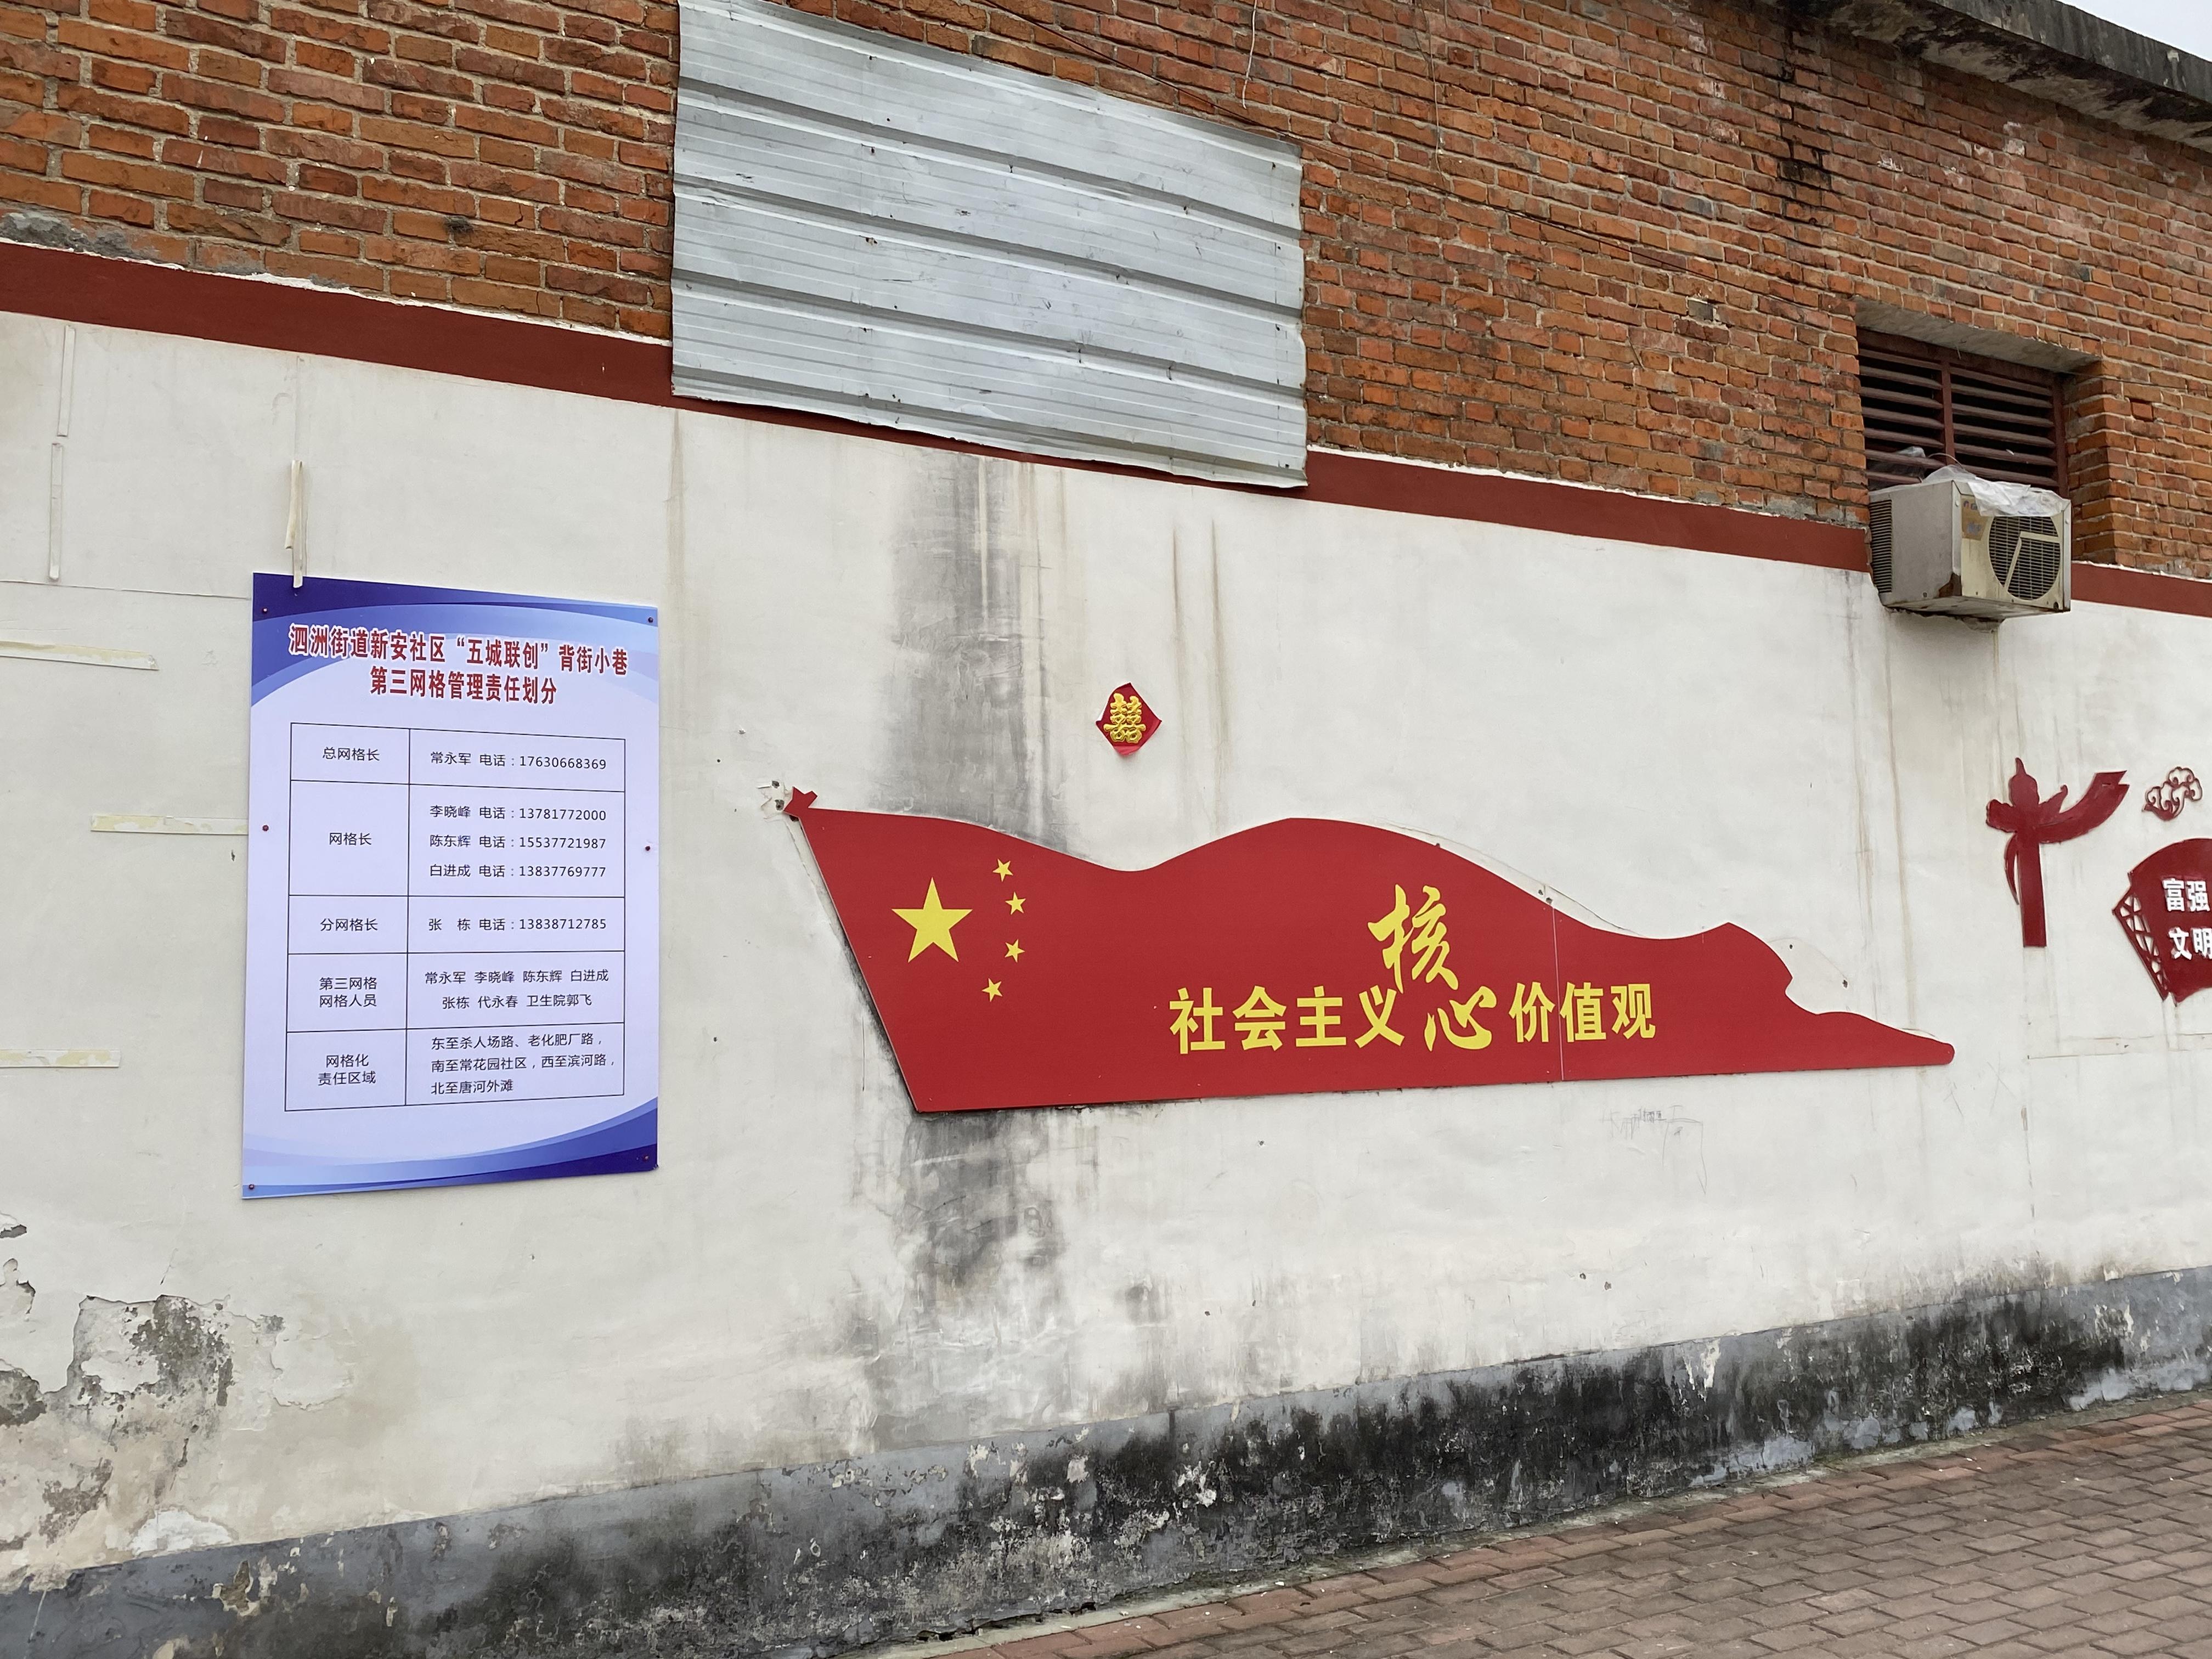 """泗洲街道""""四措并举""""做好五城联创工作1.jpg"""